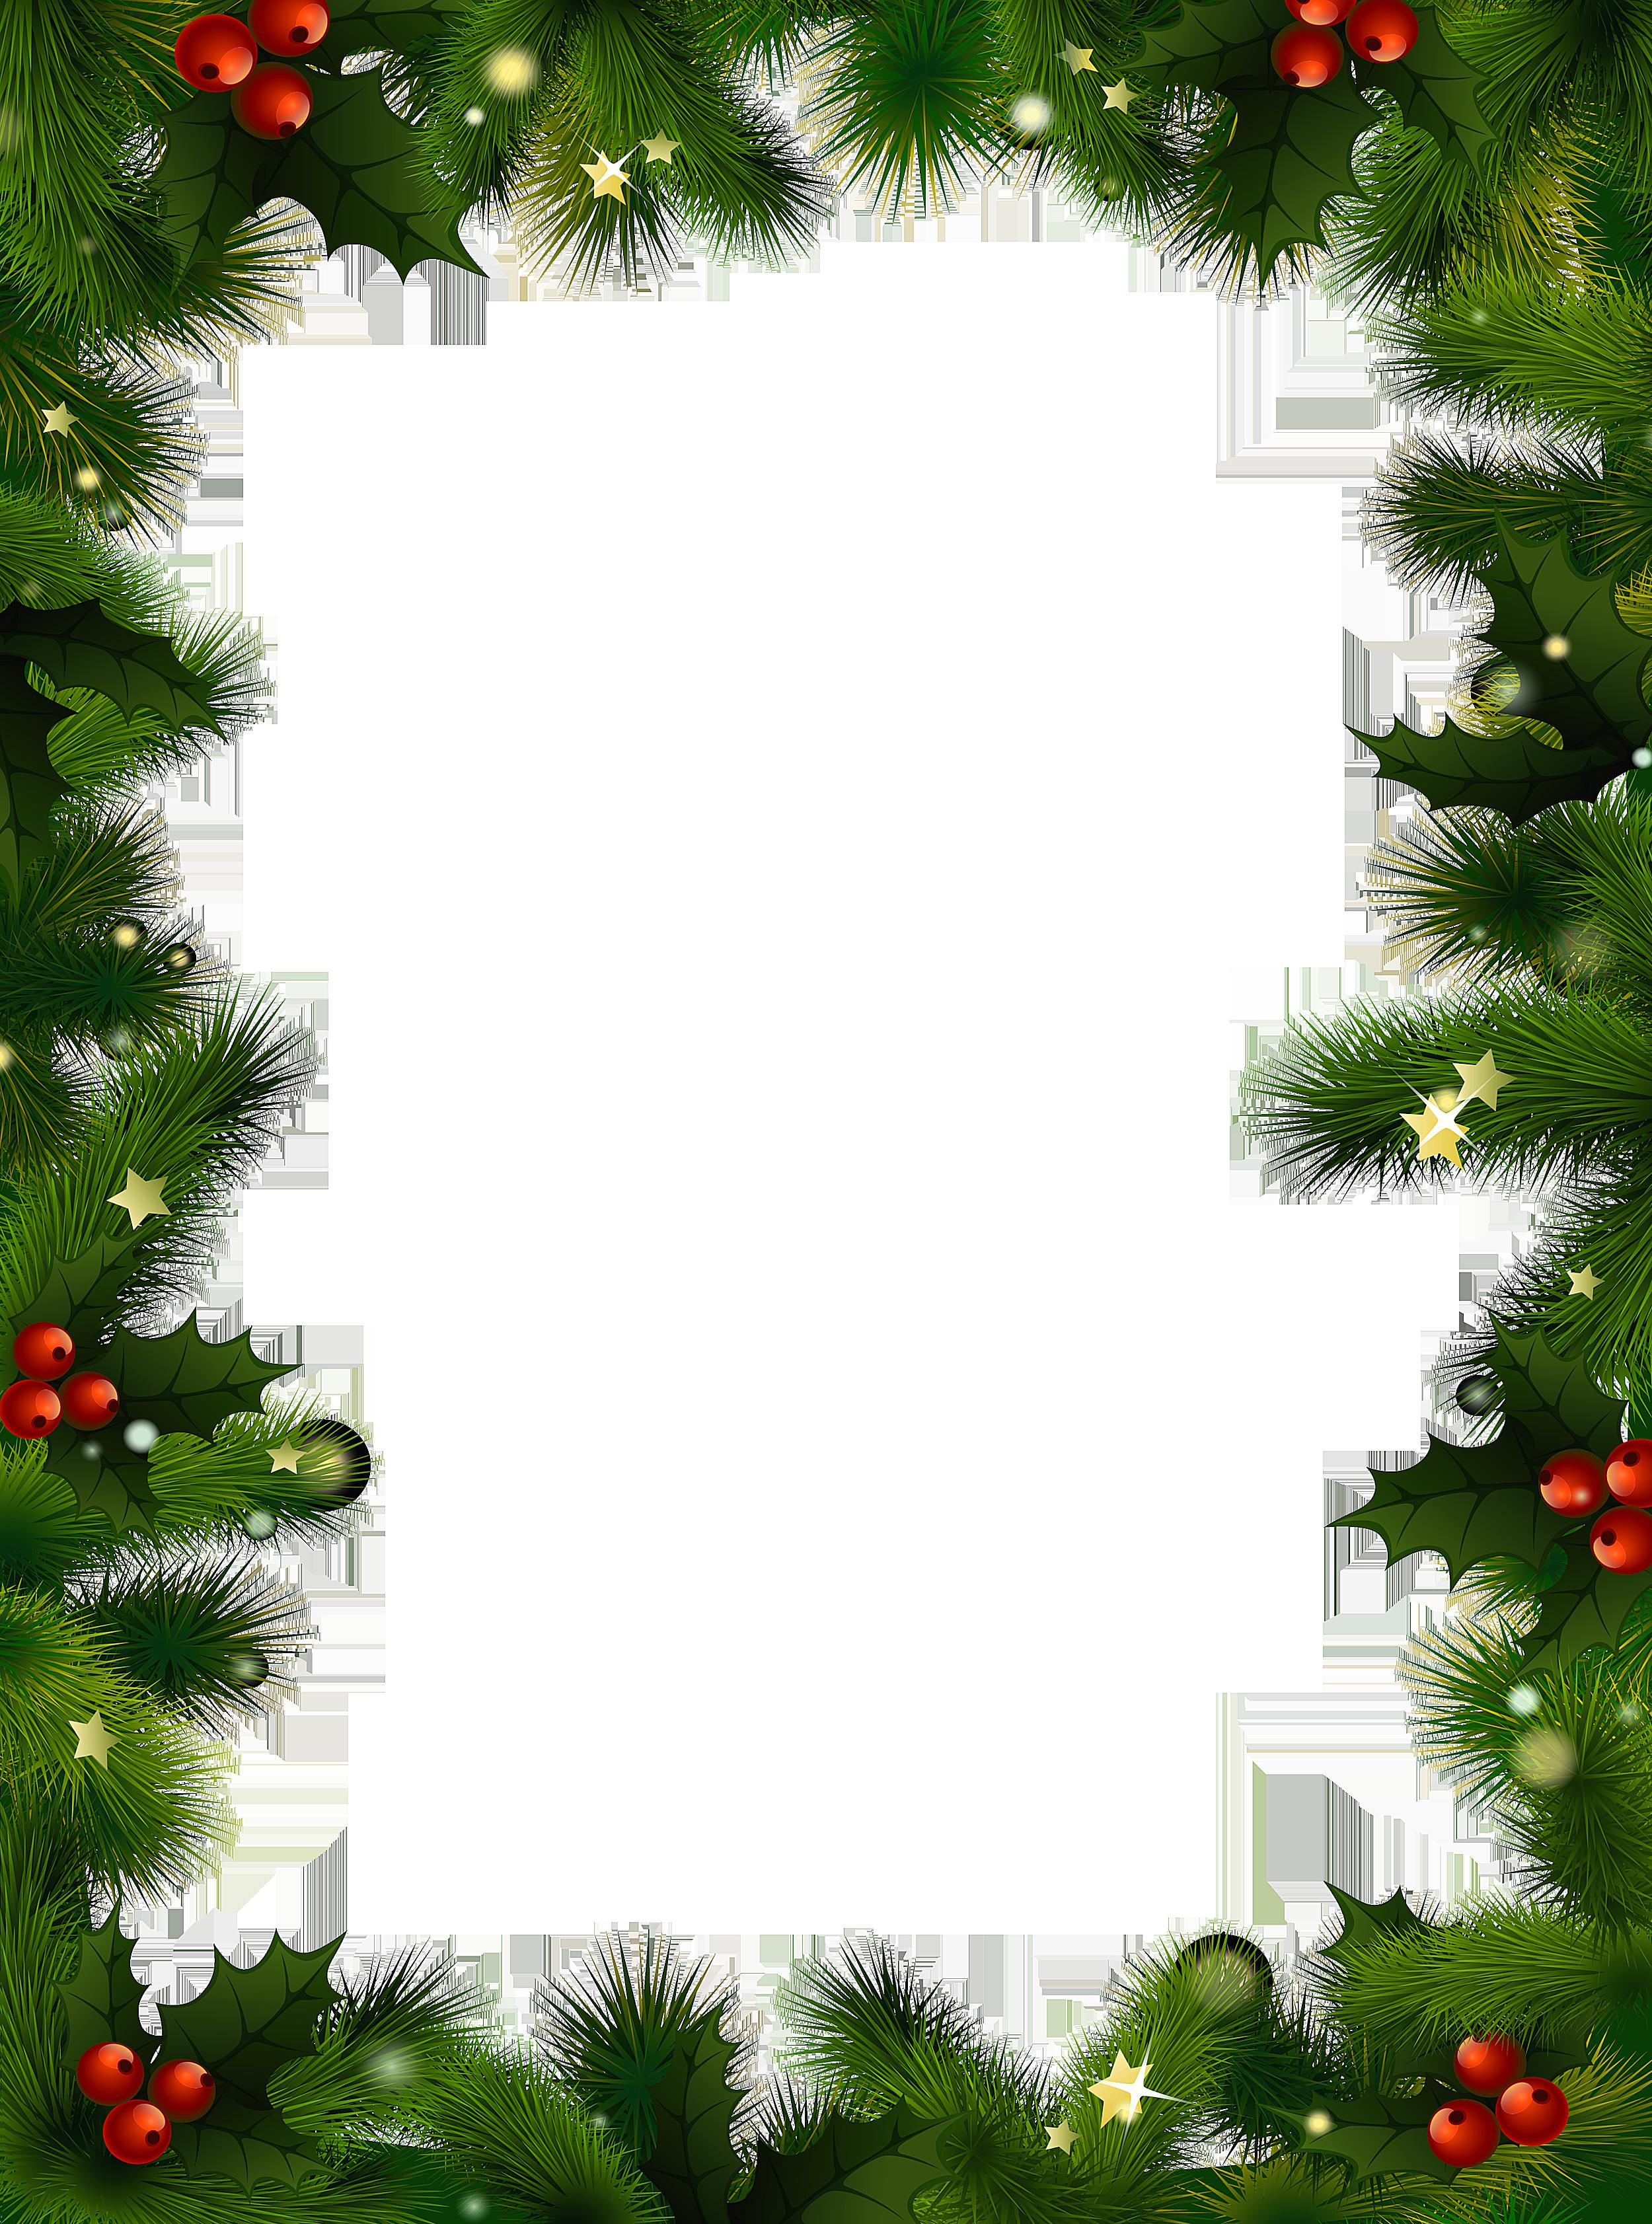 Free Christmas Borders You Can .